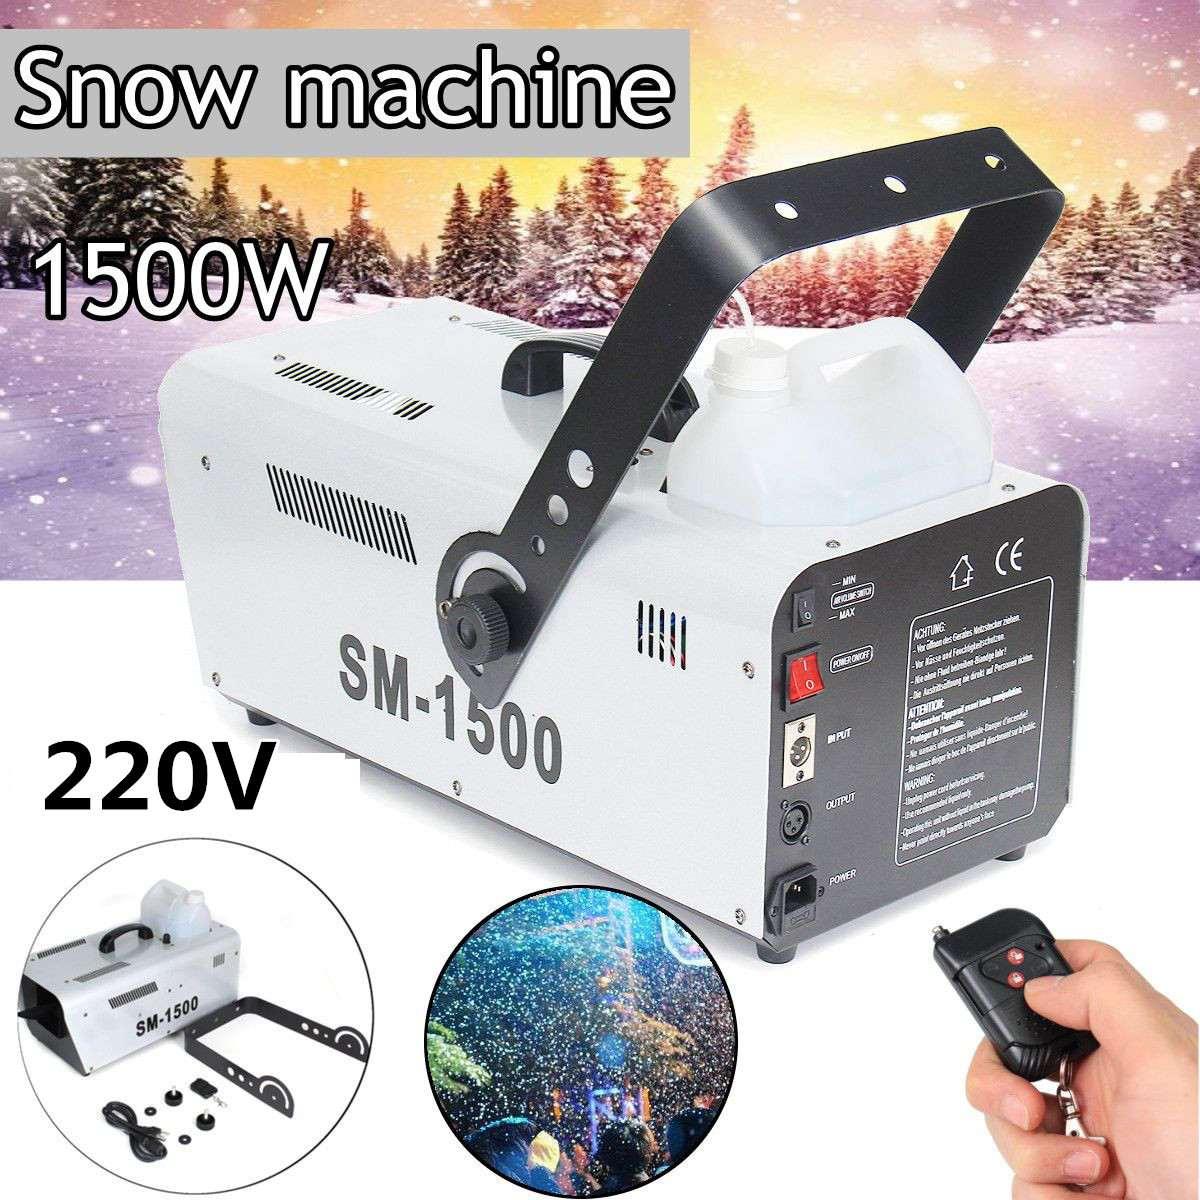 110 В/220 В 1500 Вт снегоуборочная машина специальный эффект этапе оборудования Snowmaker спрей снег Мыльная Пена оборудование для световых эффектов...